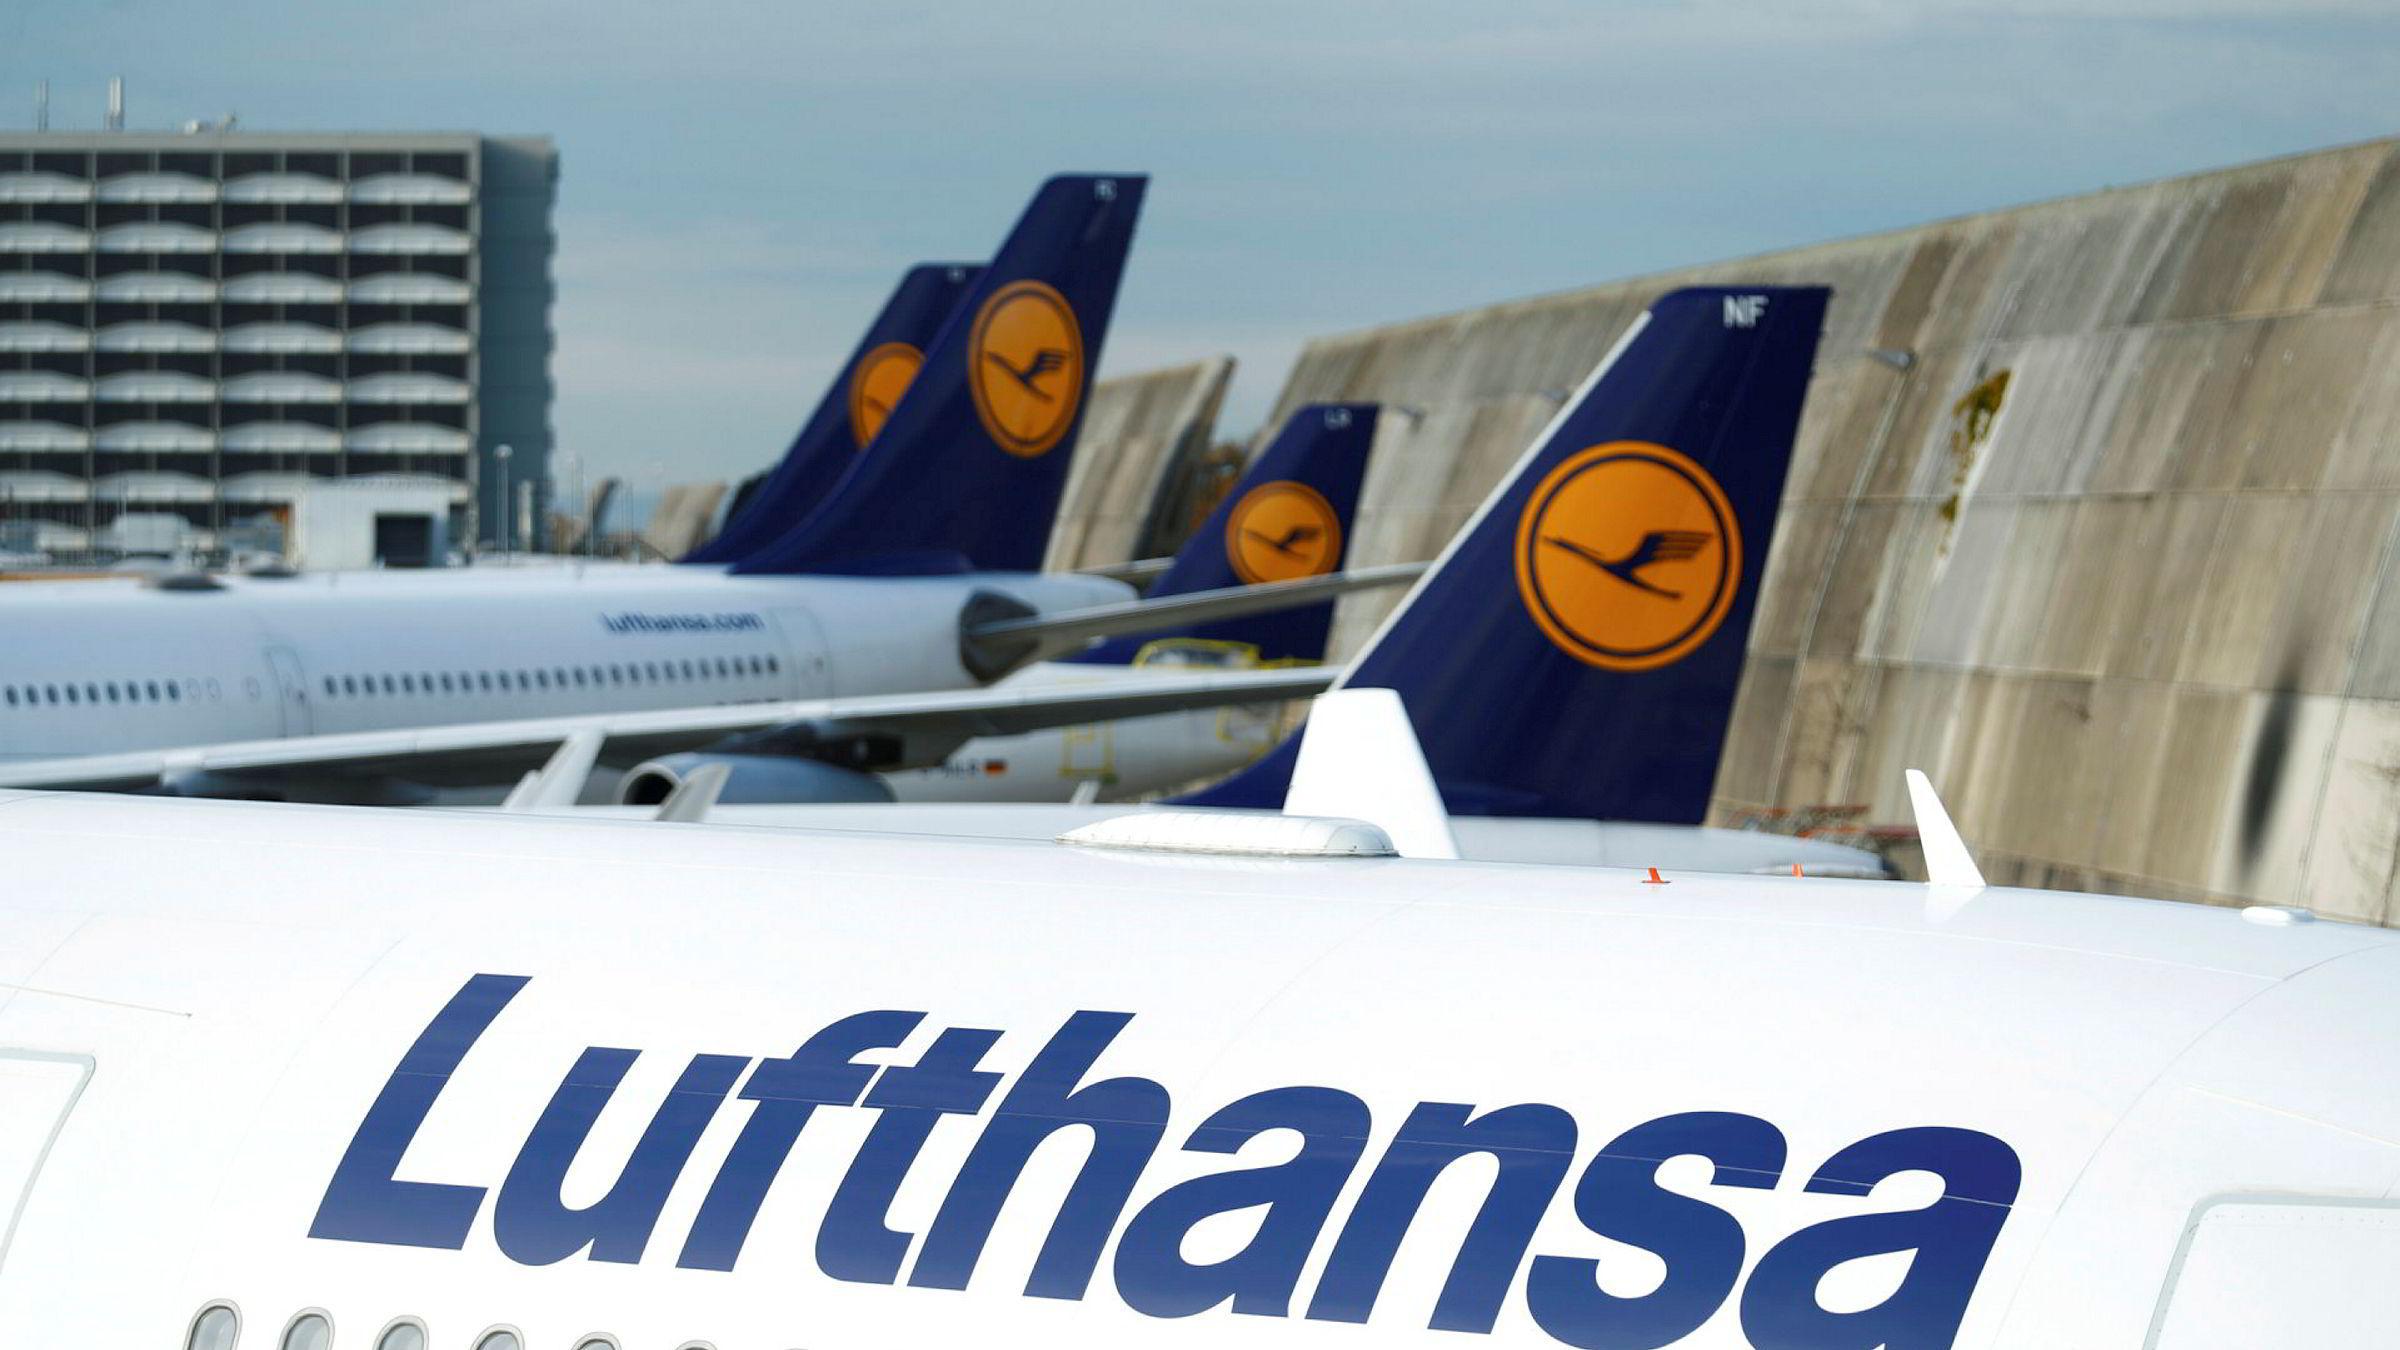 Lørdag morgen ble den varslede 48-timer lange streiken i Lufthansa avsluttet.